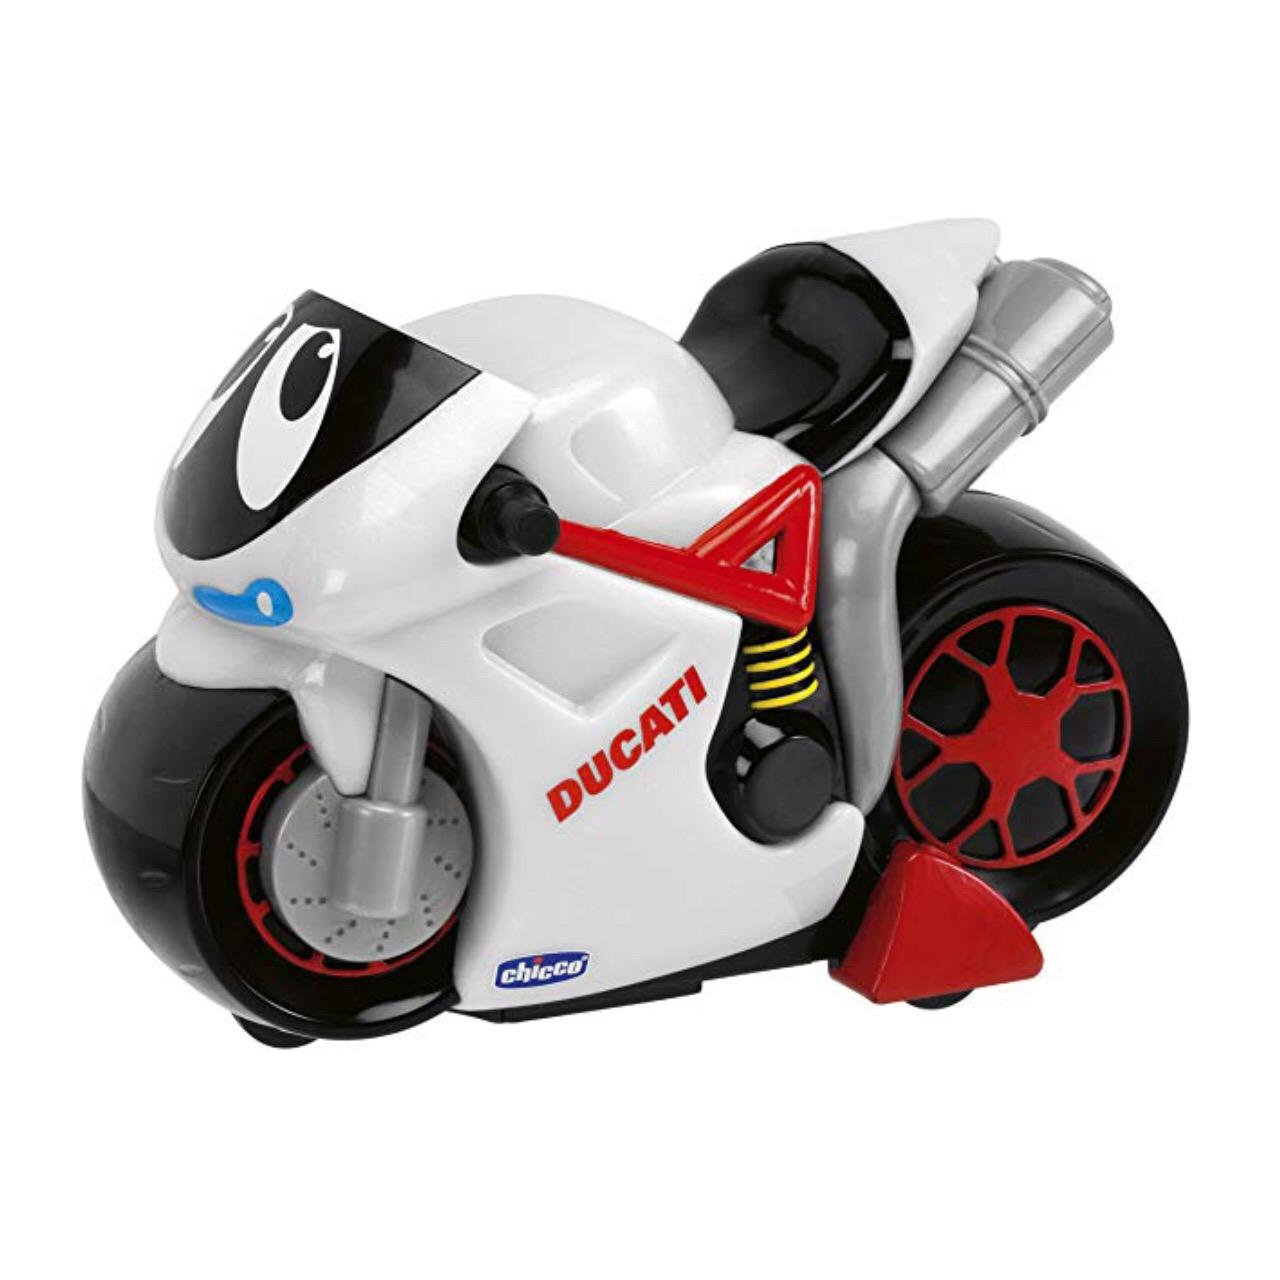 موتور اسباب بازی چیکو مدل Turbo Touch DUCATI